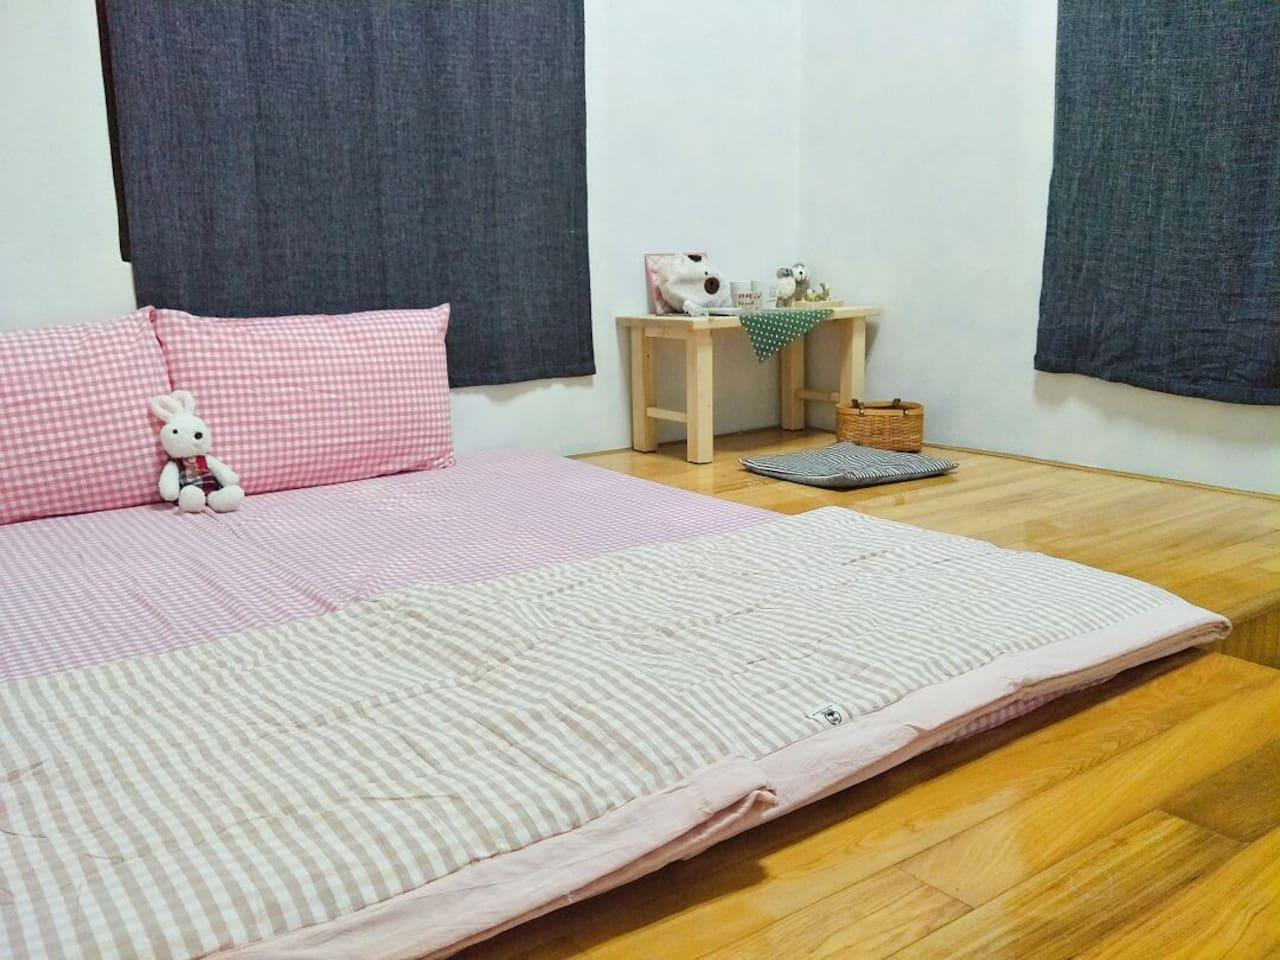 訂房人數是1的話,就是一張床墊 訂房人數是2的話,就是兩張床墊 訂房人數是3的話,就是三張床墊